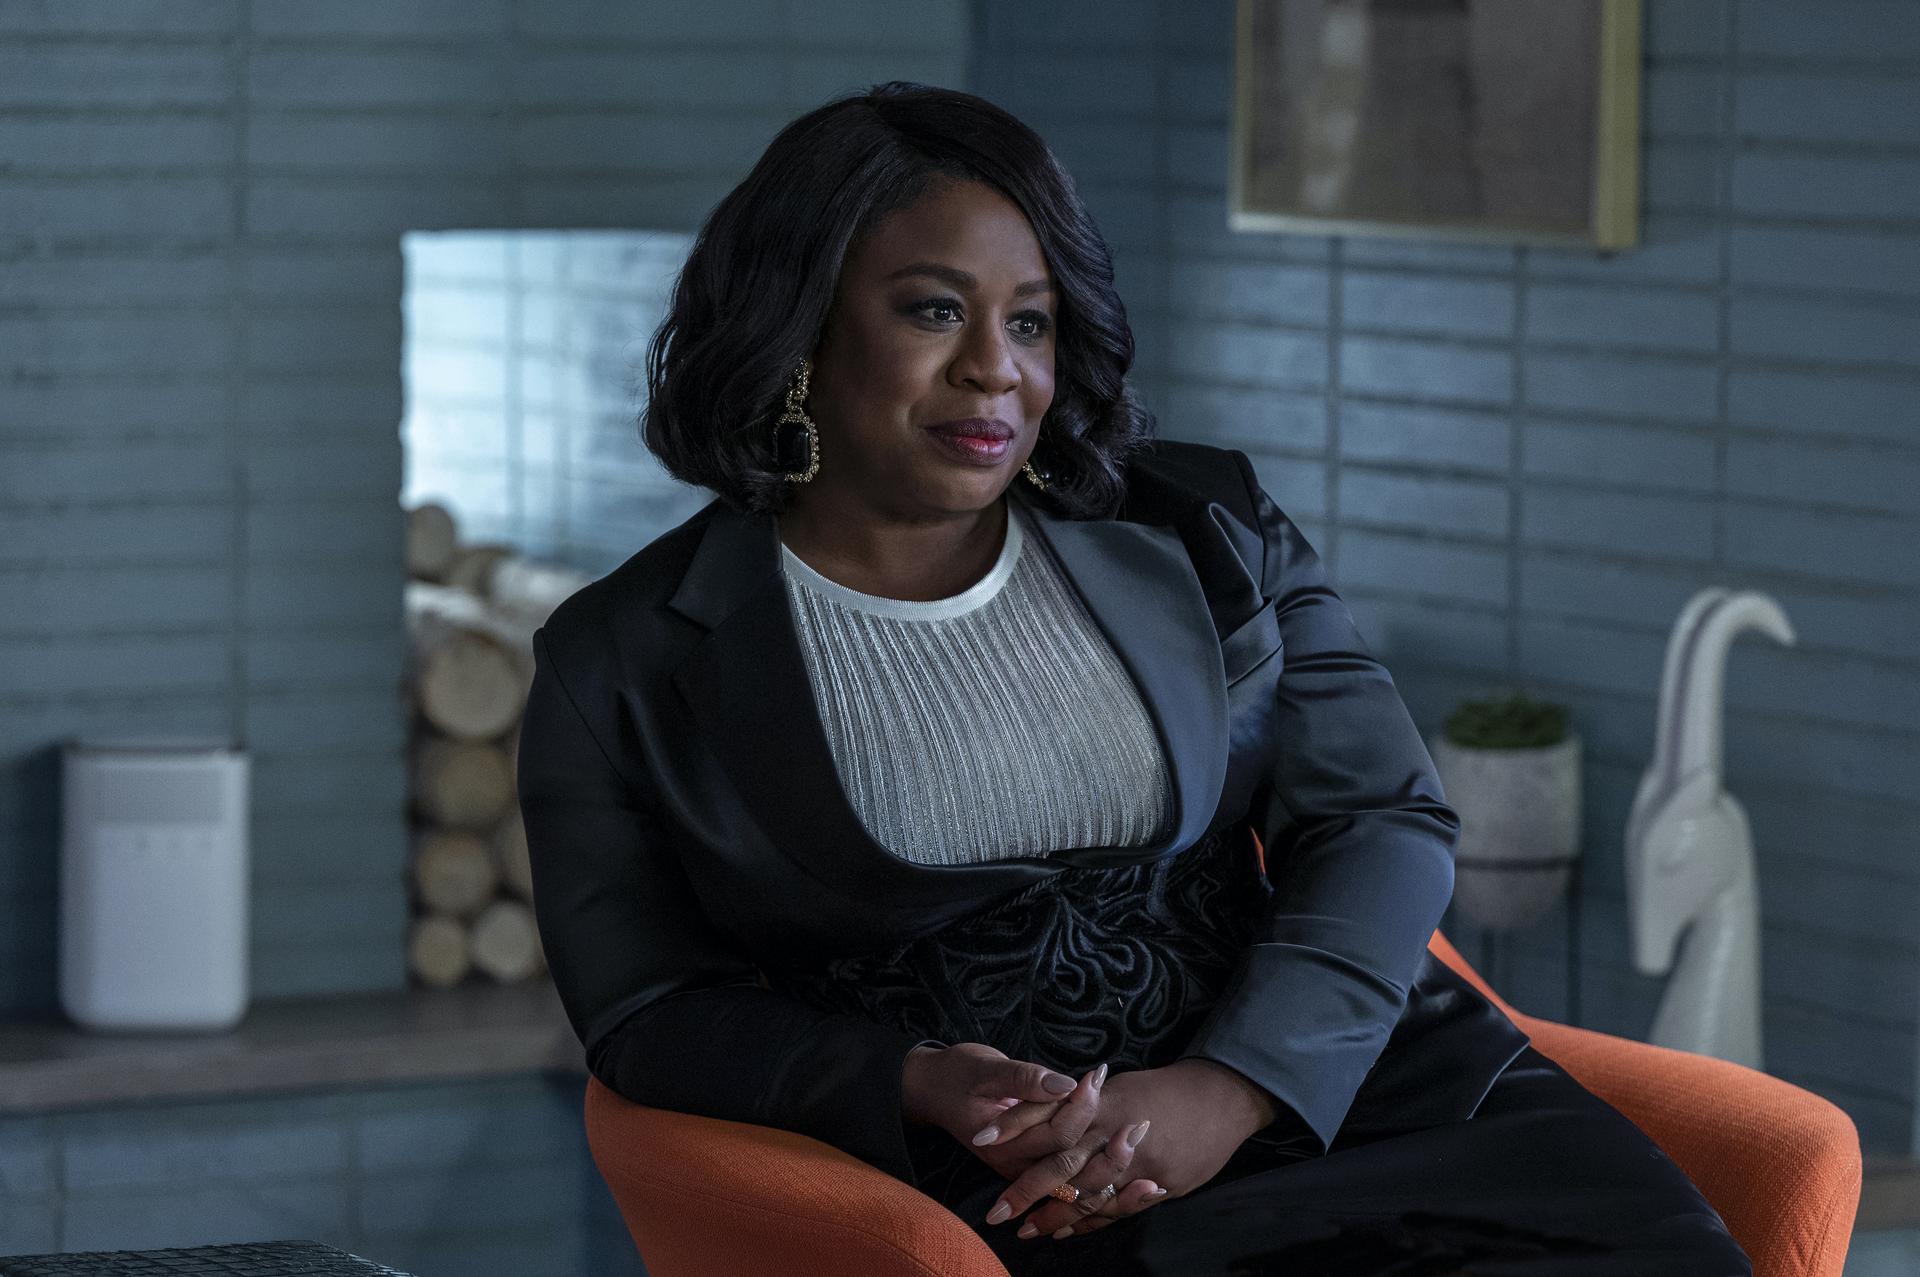 艾美奖得奖影集《治疗中,请勿打扰》(In Treatment)第4季于下周一(24日)晚上10时在HBO GO独家上线。-华纳媒体提供-